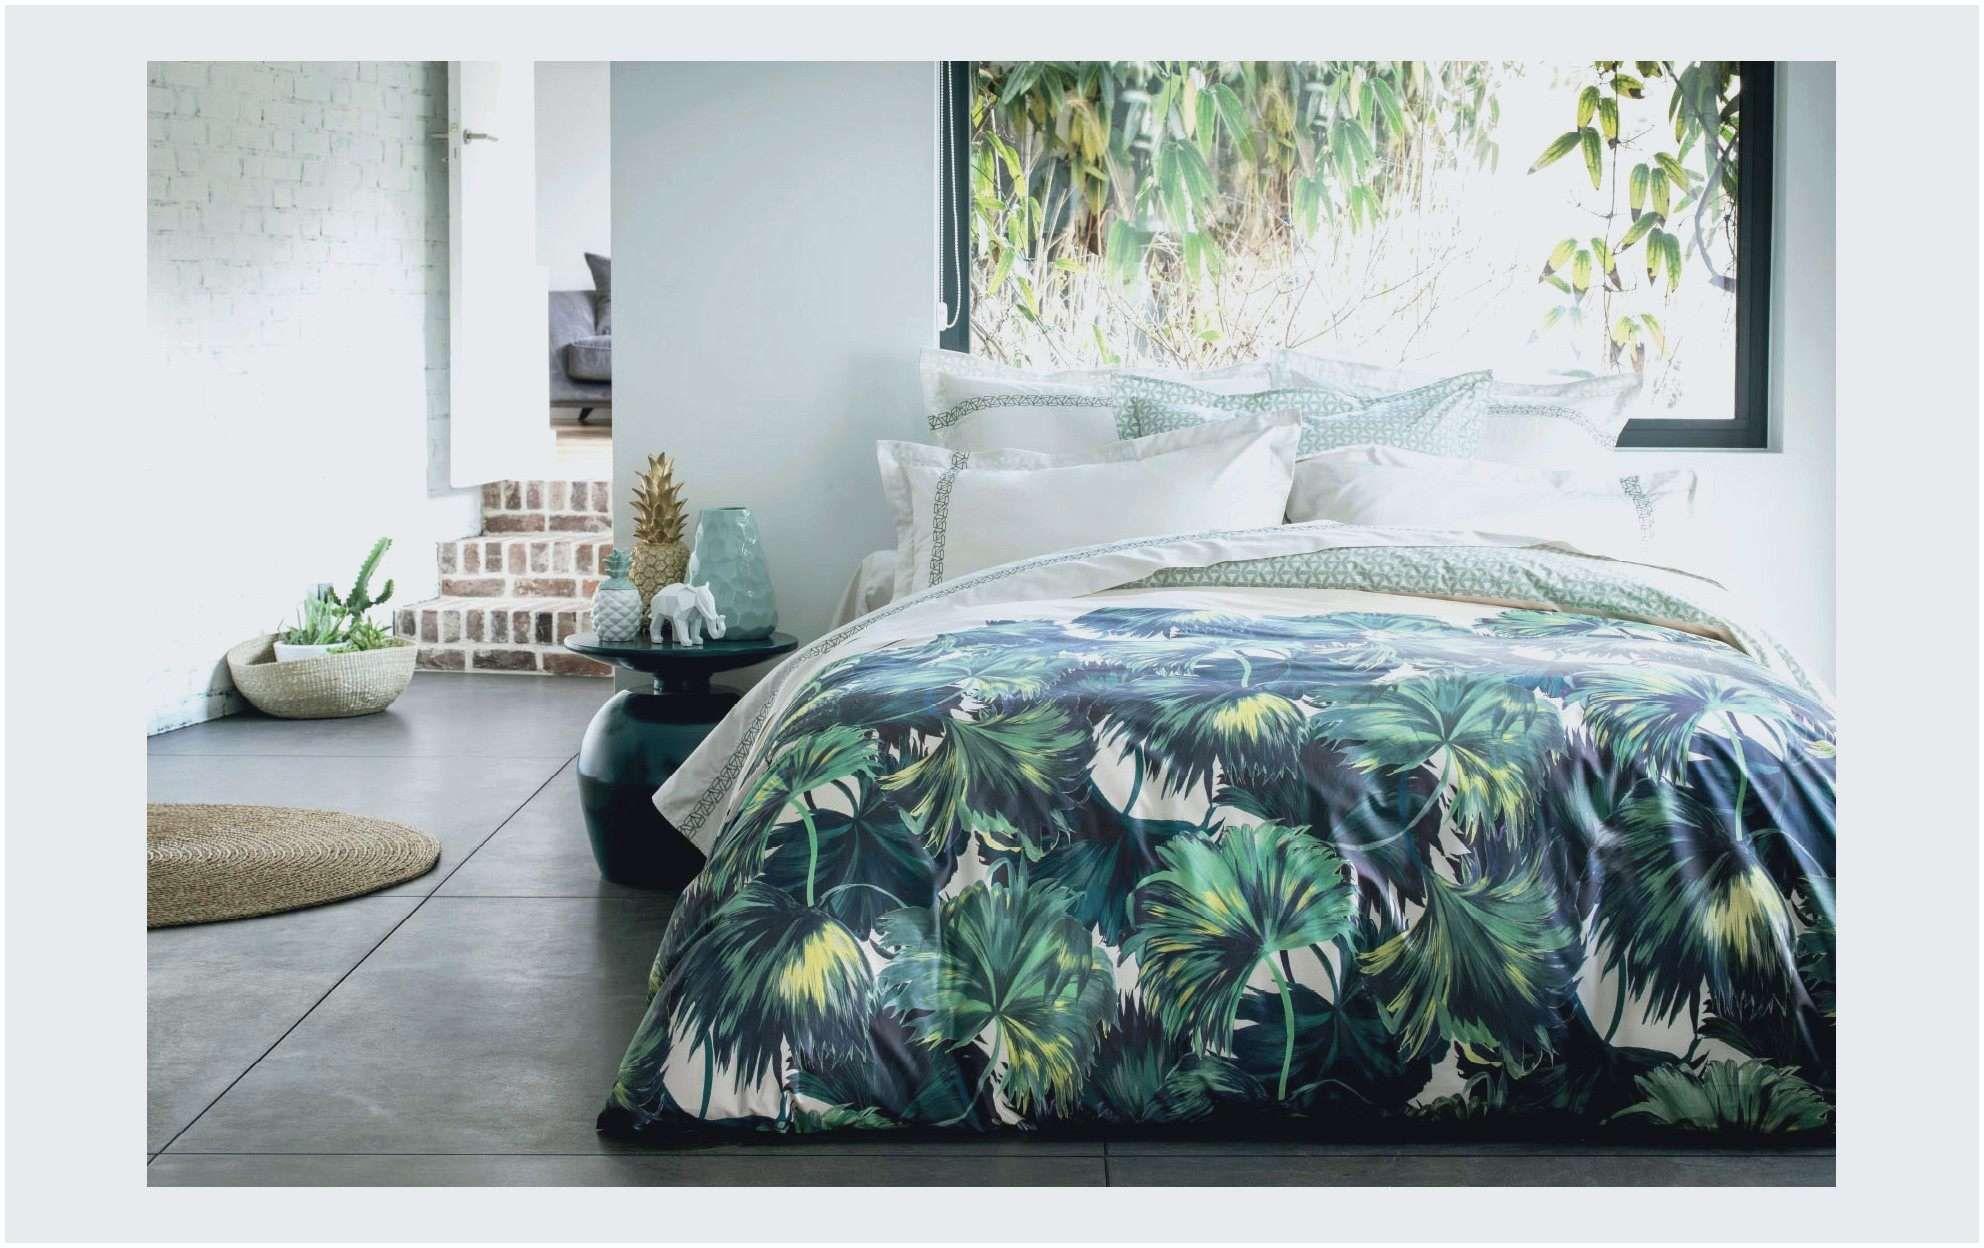 Housse De Couette 240x260 Ikea Housse De Couette 240x260 Ikea Bjornloka Housse De Couette Et Taie Tropical Bedrooms Bed Linens Luxury Tropical Bedroom Decor